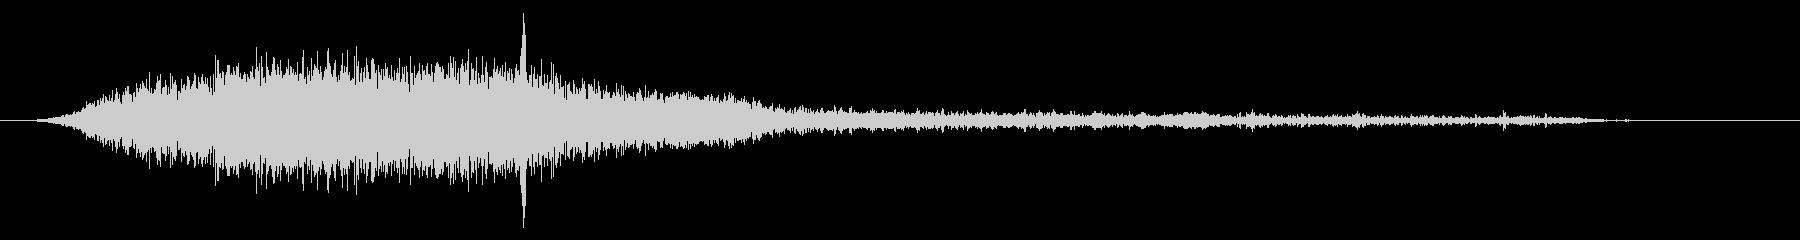 PC 駆動音03-03(強制シャットダウの未再生の波形